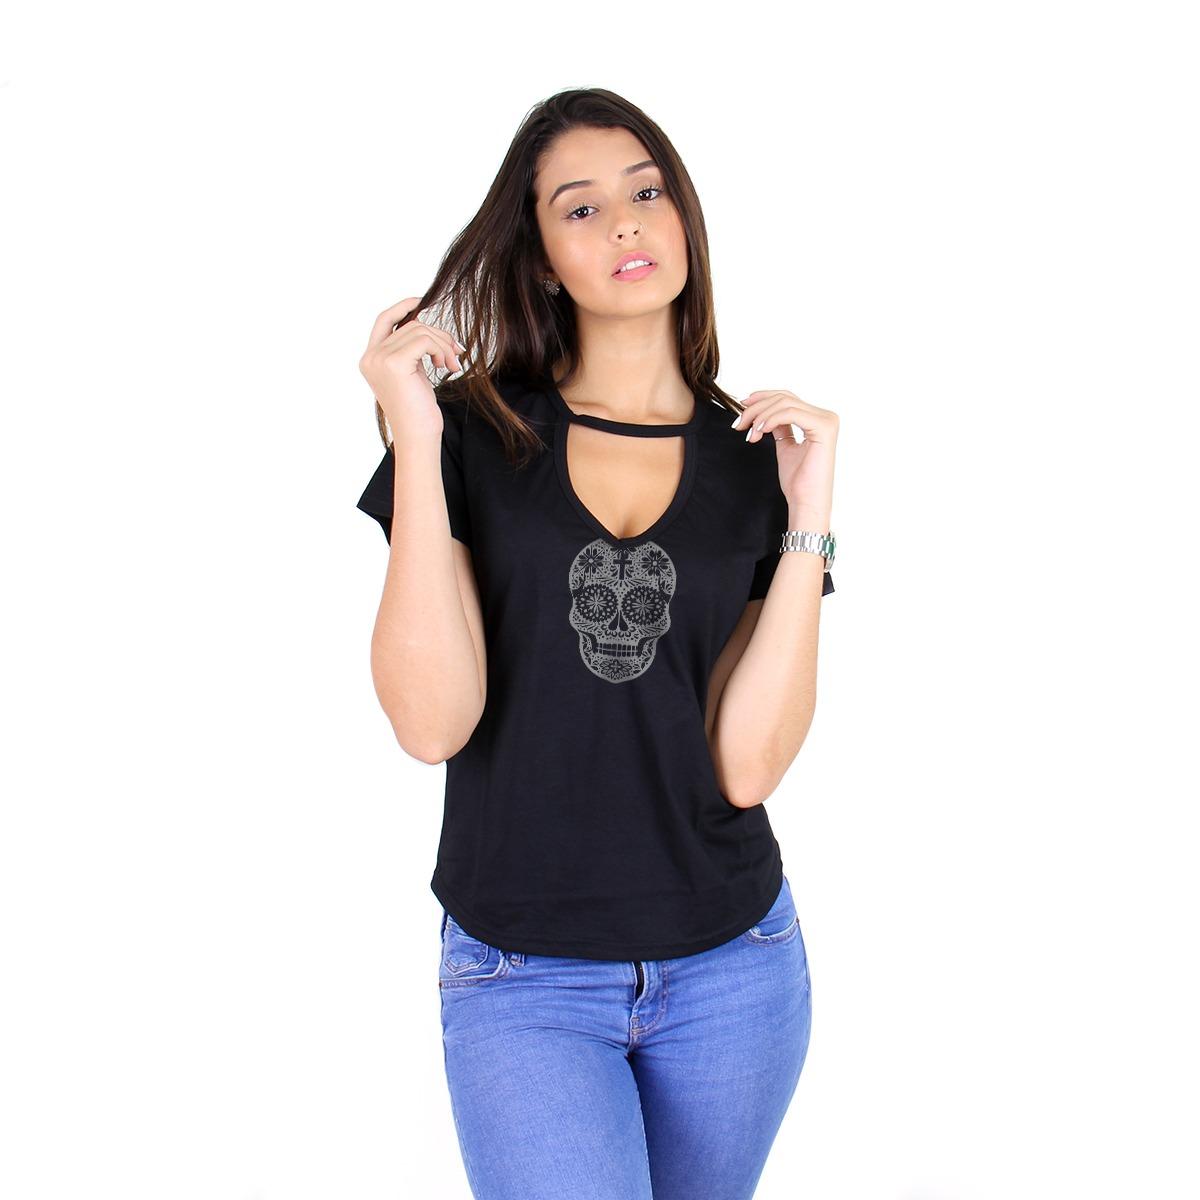 a852dd344b blusa feminina gola choker caveira mexicana moda blogueira. Carregando zoom.